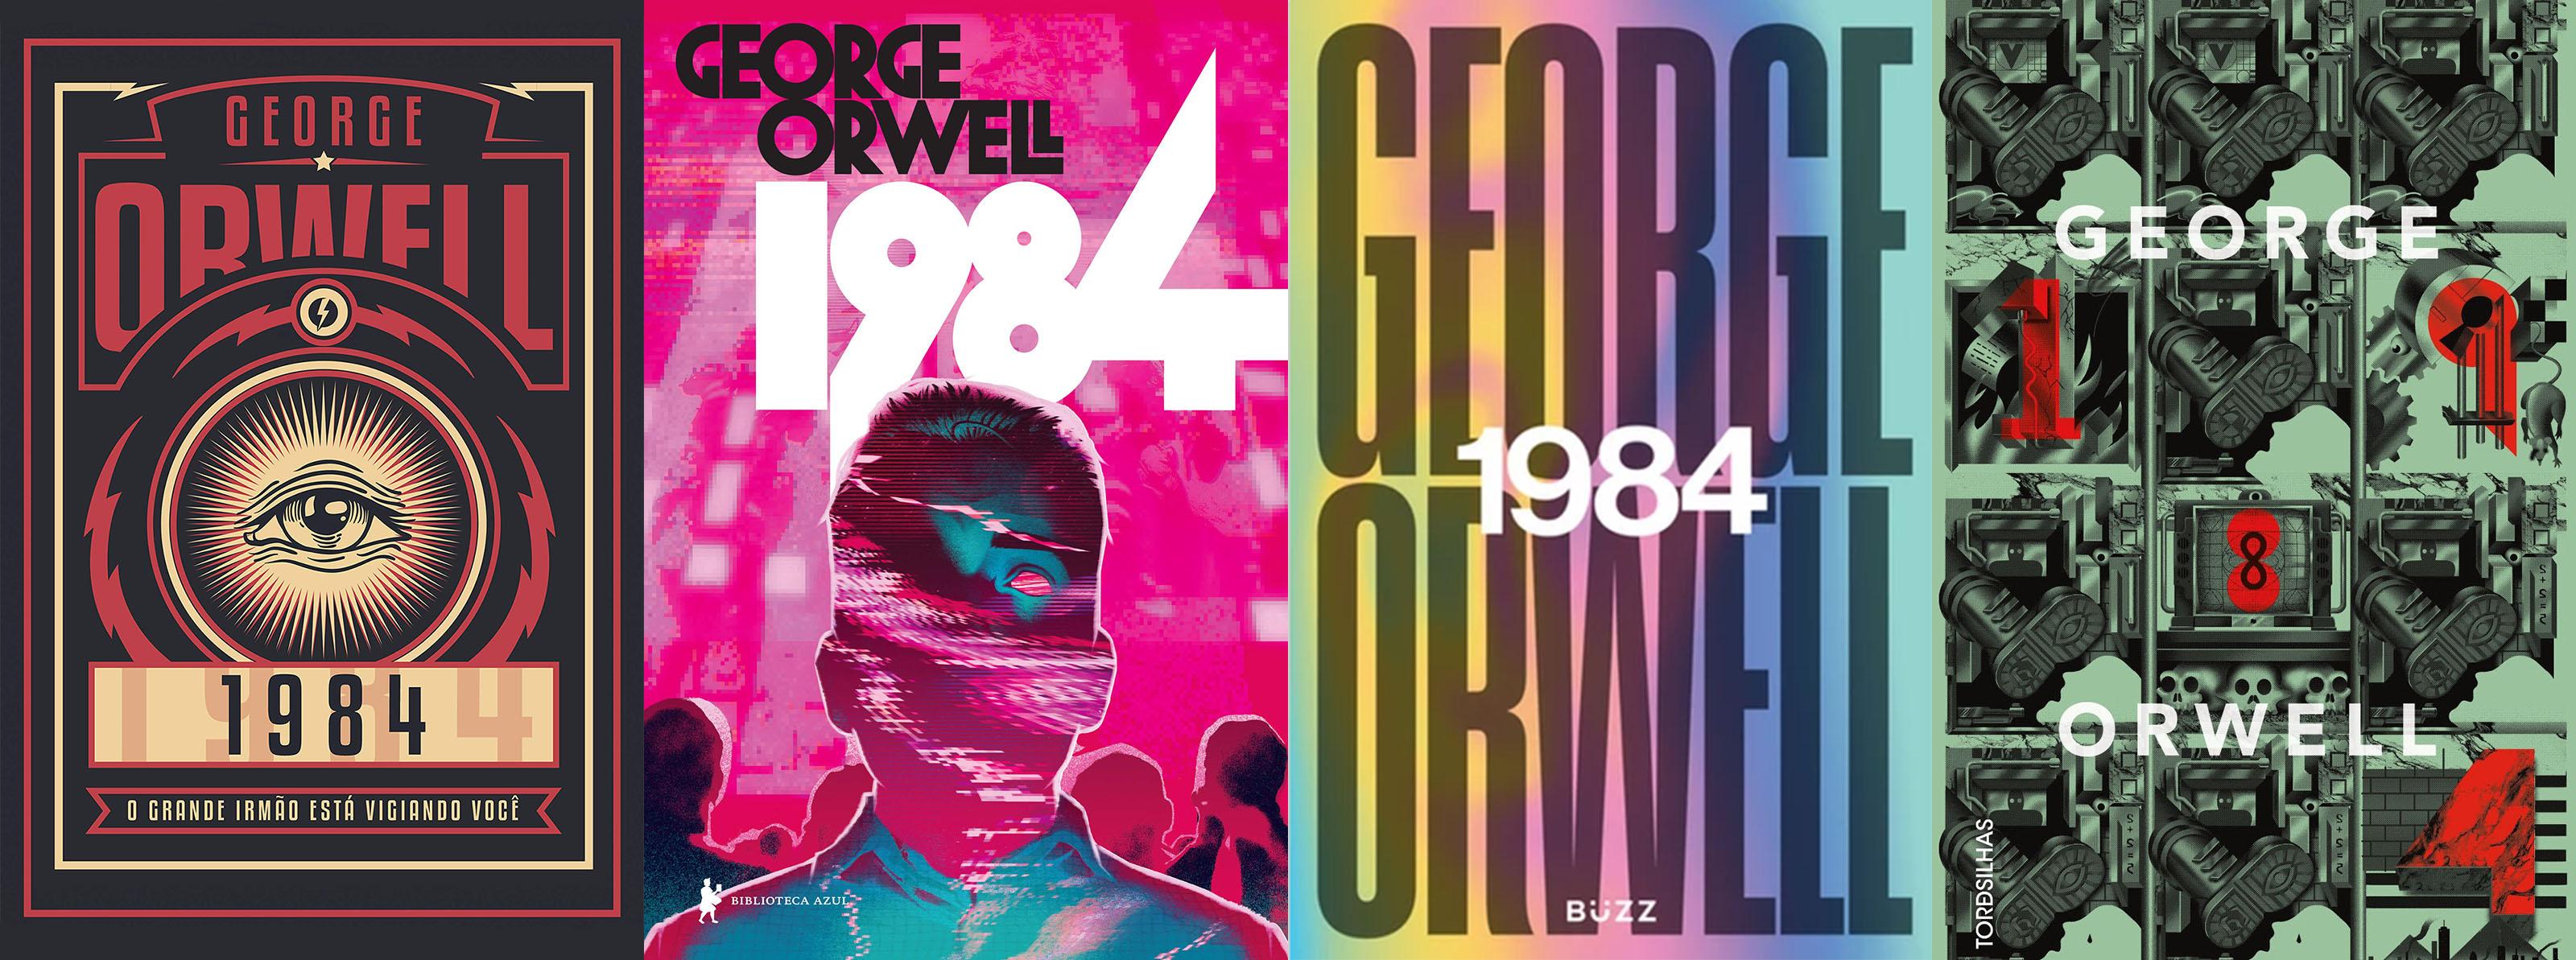 Livro 1984 ganha novas edições: da esquerda para a direita, editoras Excelsior, Biblioteca Azul, Buzz e Tordesilhas